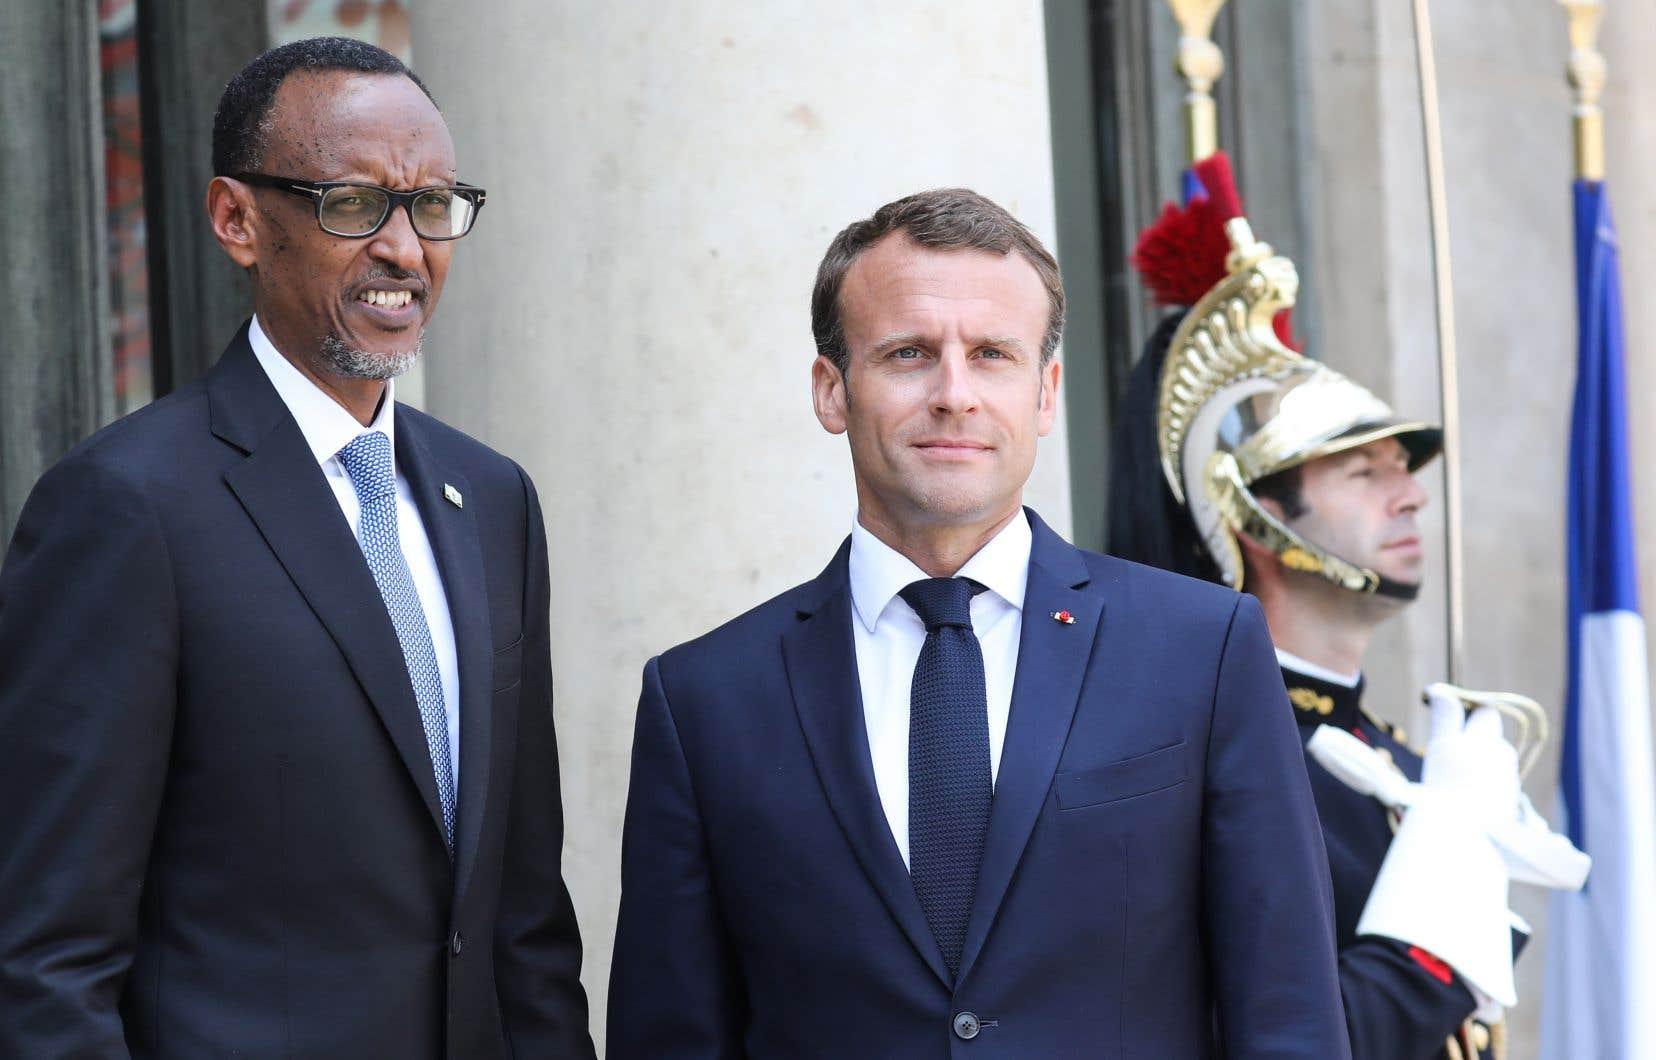 L'annonce d'Emmanuel Macron a été faite à l'issue d'une rencontre avec le président rwandais, Paul Kagame.